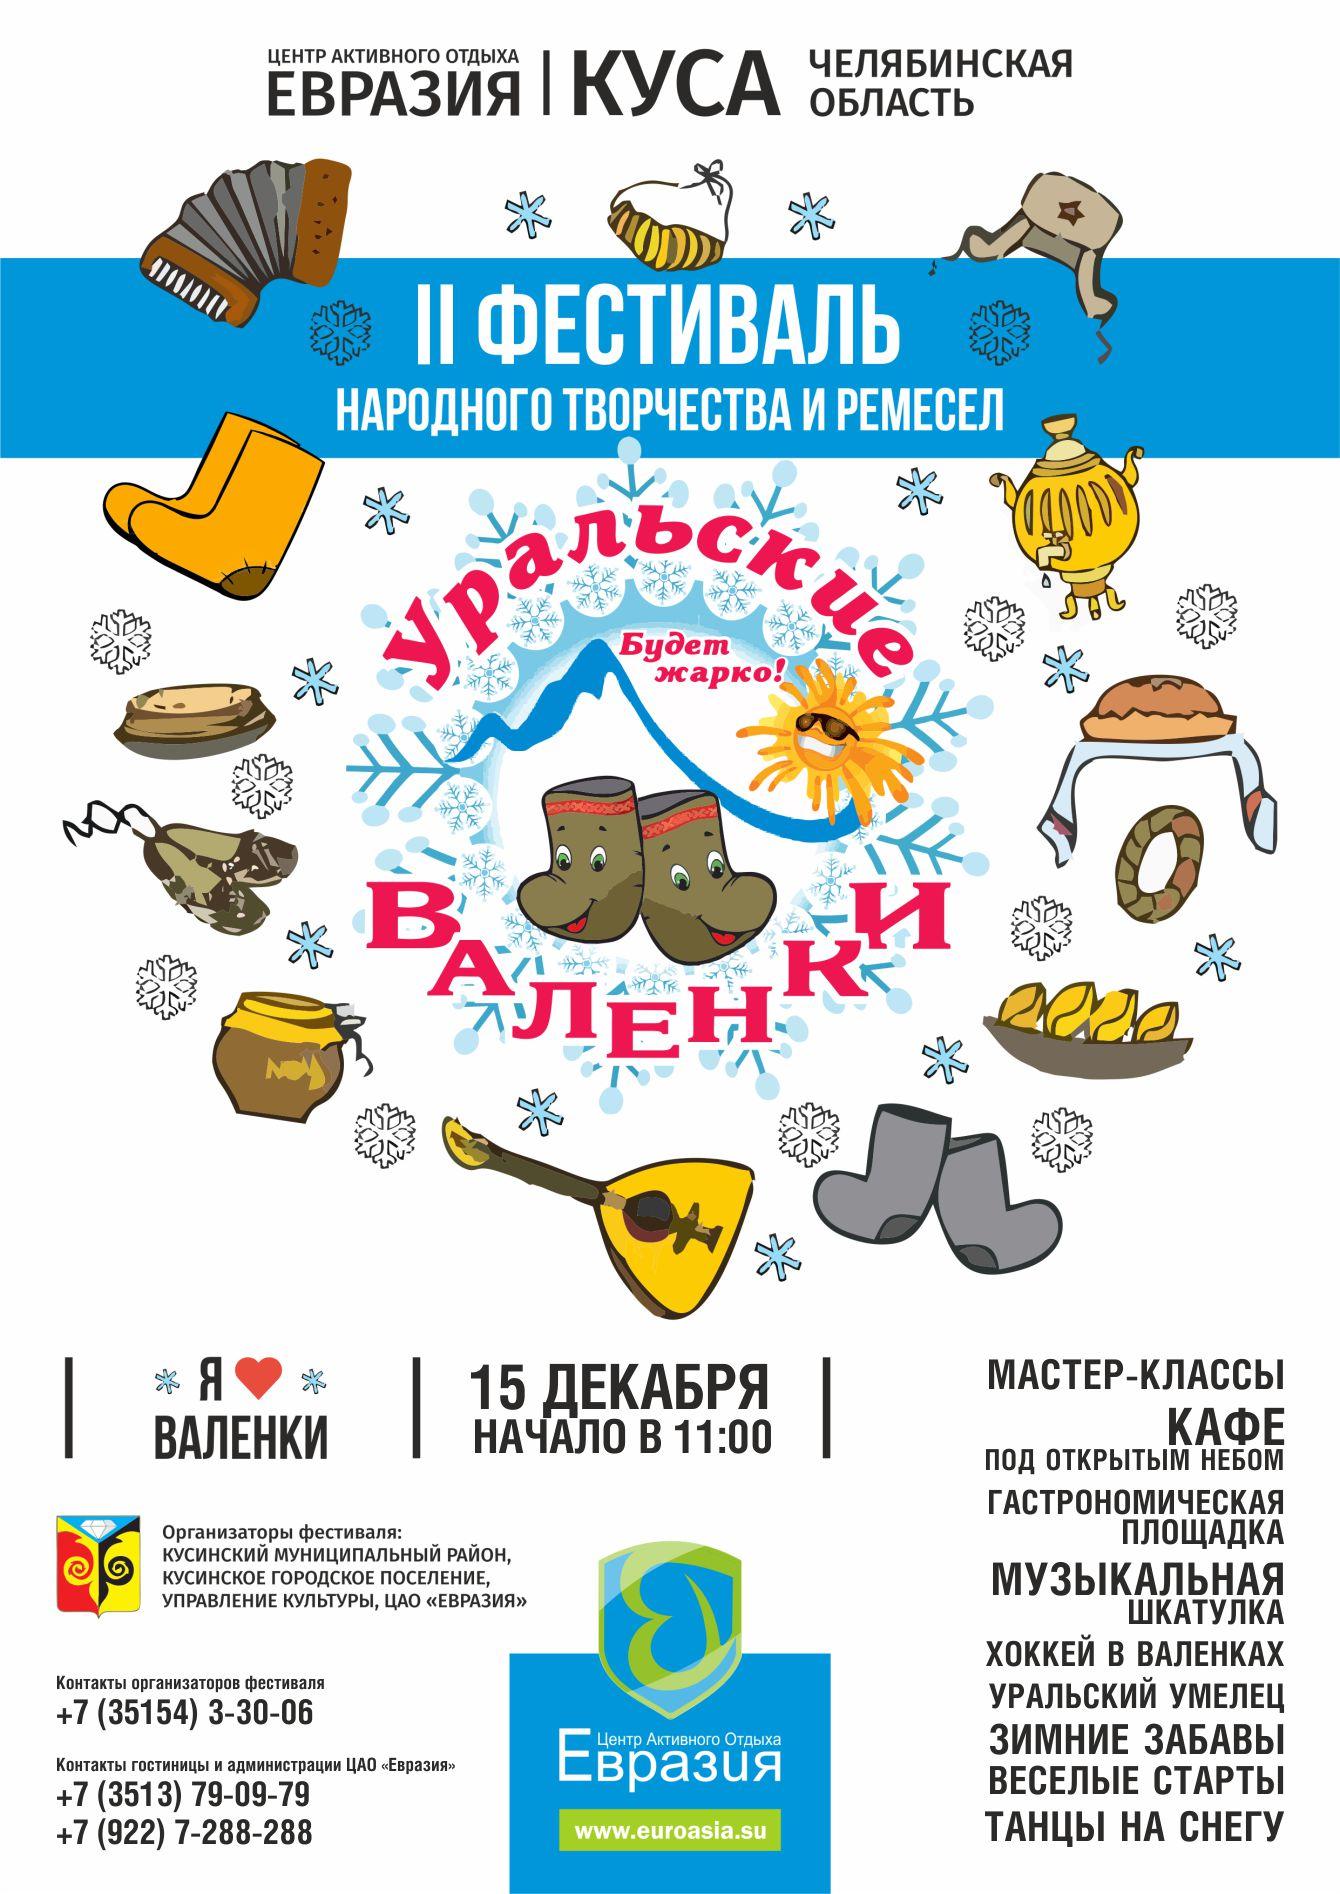 В Челябинской области город Куса готовится к проведению масштабного фестиваля народного творчеств